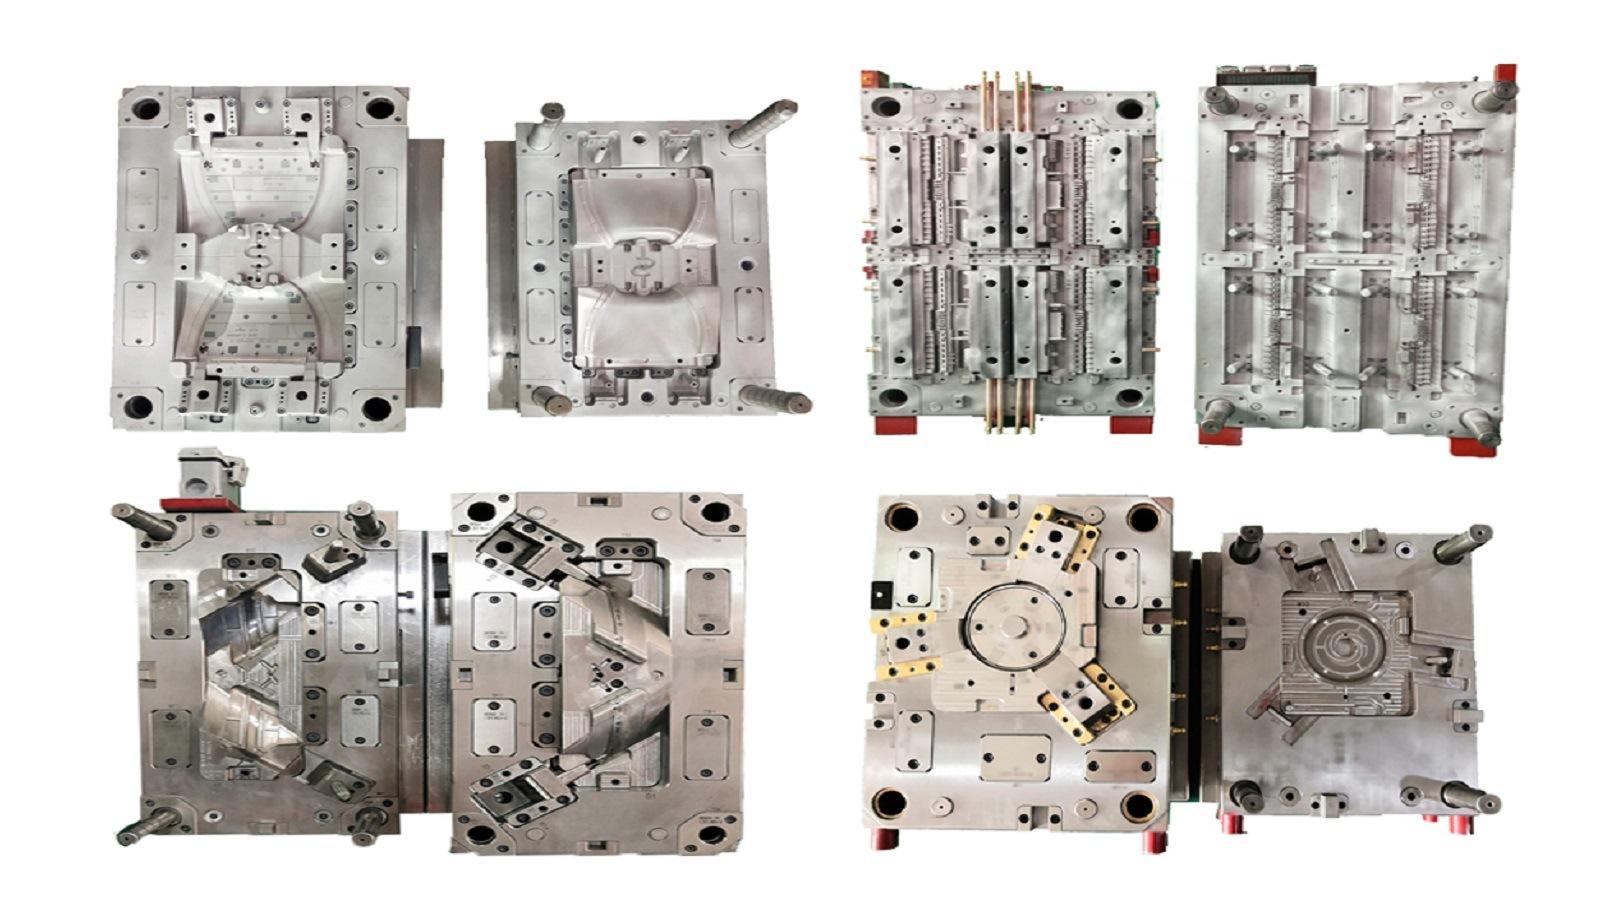 Aparelho elétrico produtos electrónicos digitais Elétrico Partes injetoras de plástico do molde do molde